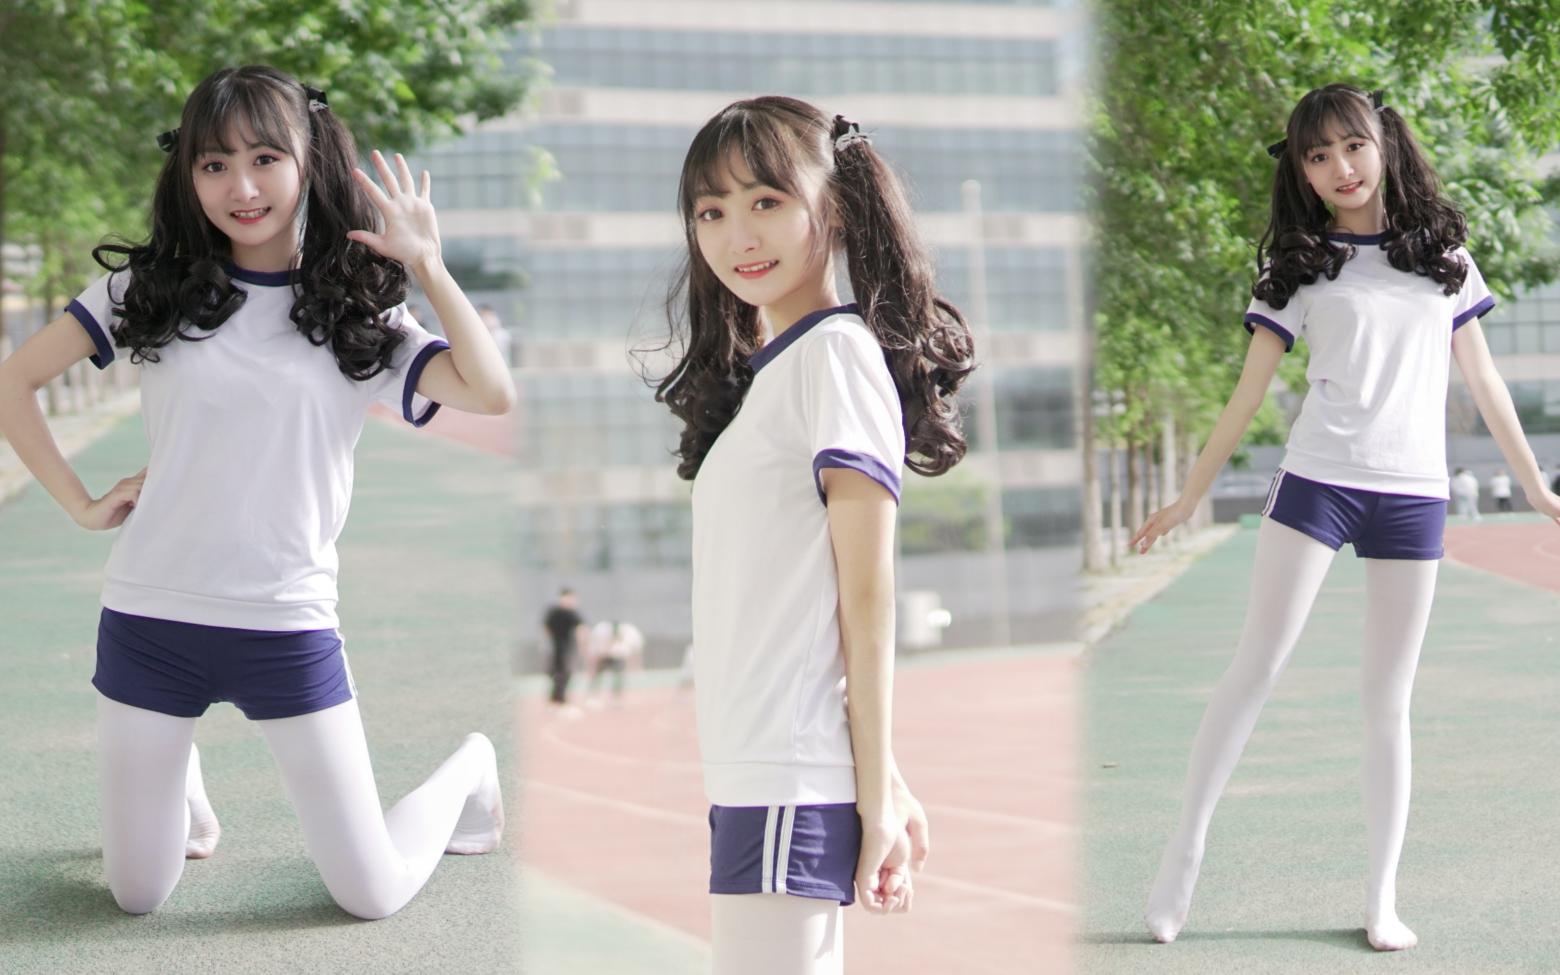 光jio体操服在学校操场跳舞也太羞耻了!【出道616第二季】